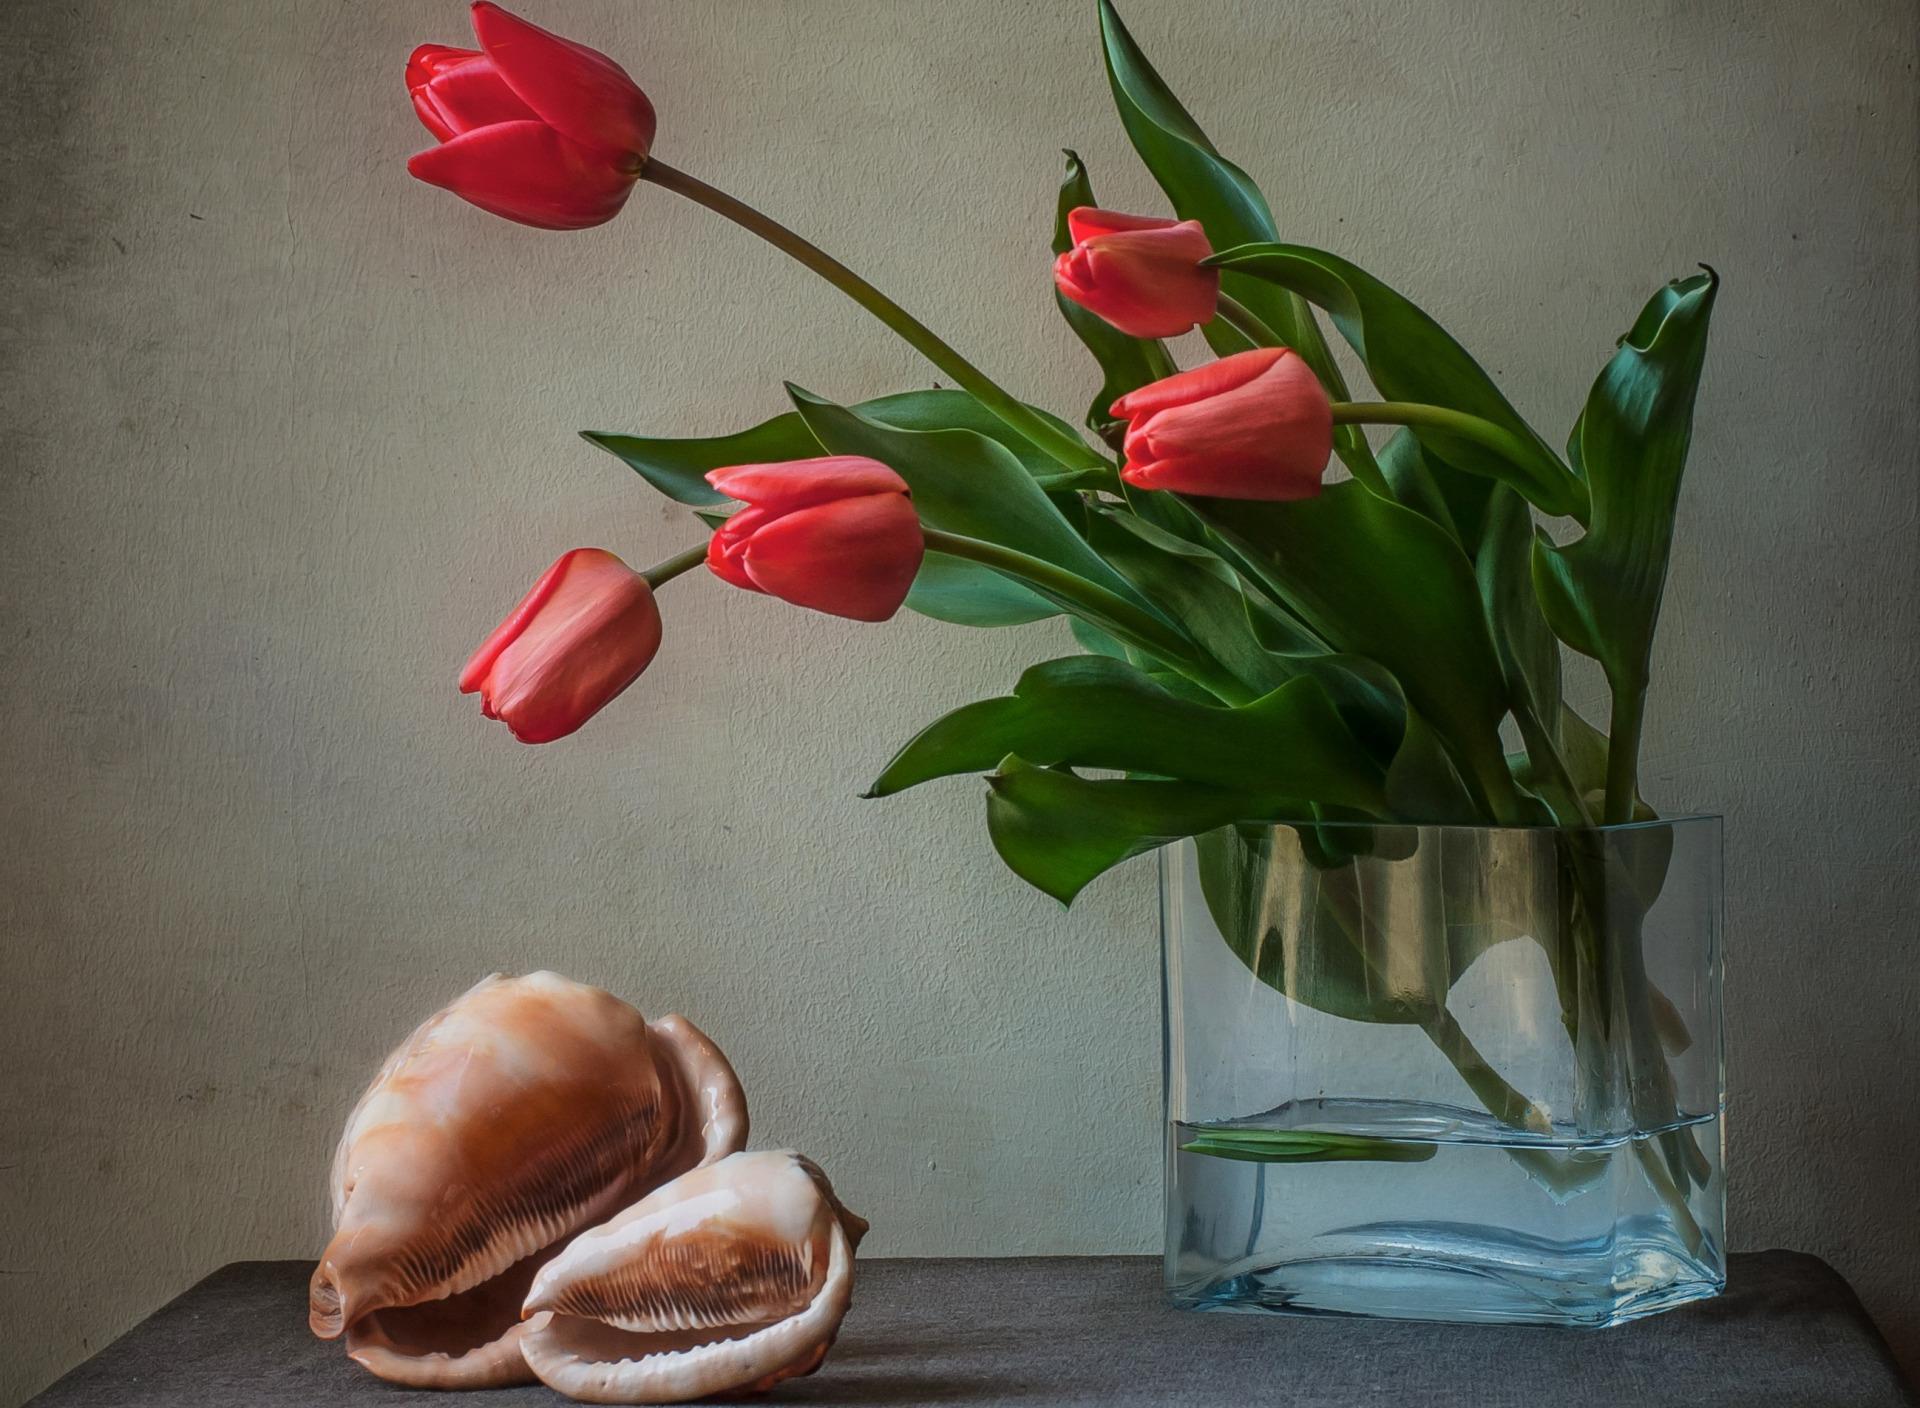 обои на рабочий стол красные тюльпаны в вазе свяжусь